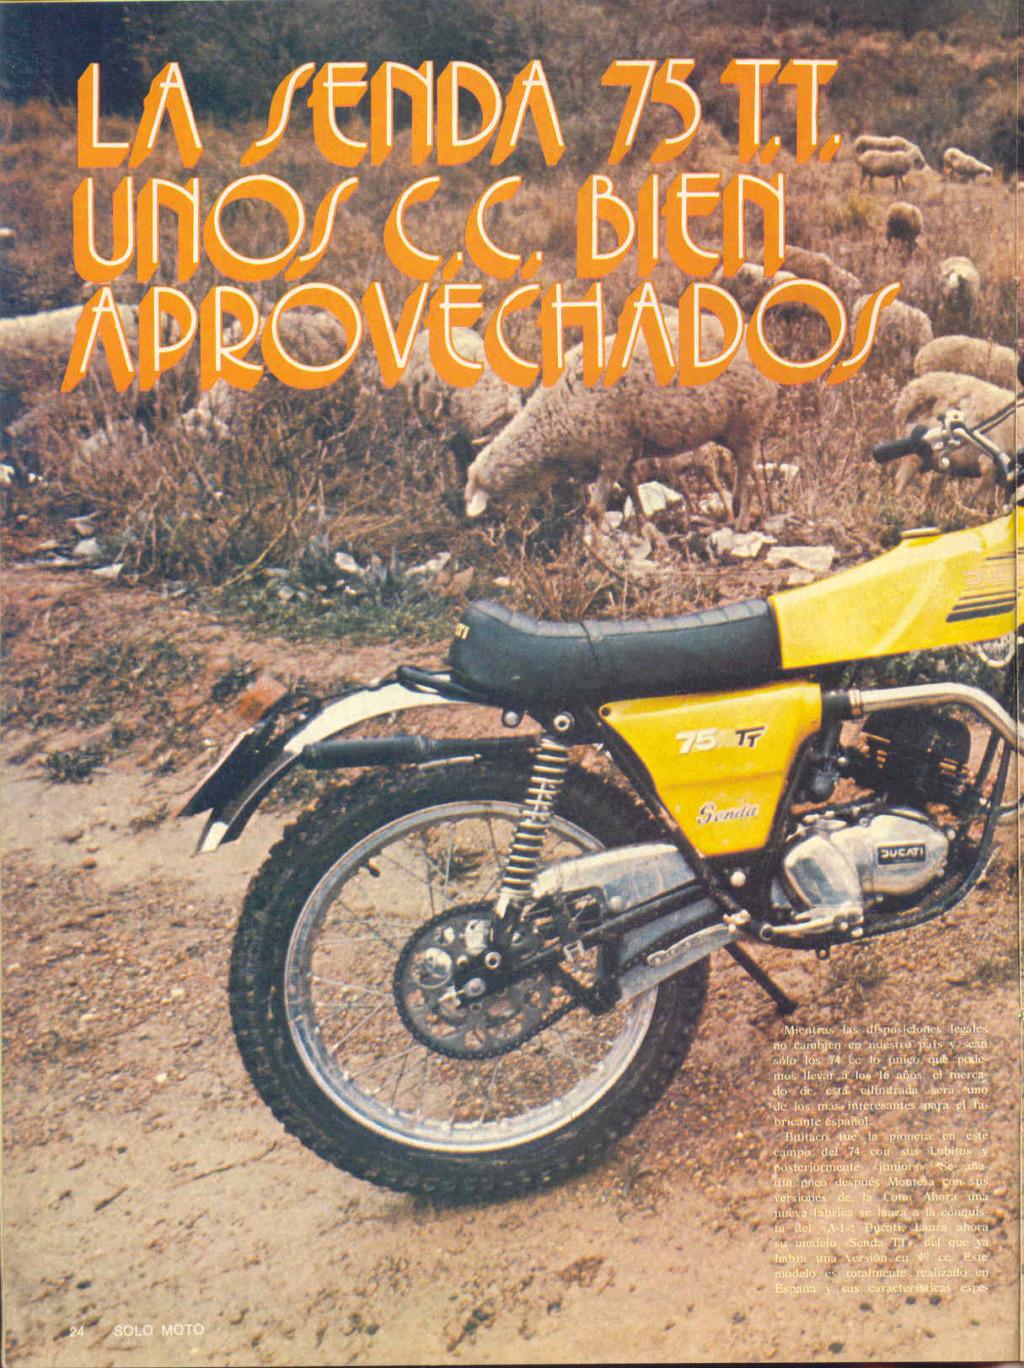 Ducati Senda en espera 0110